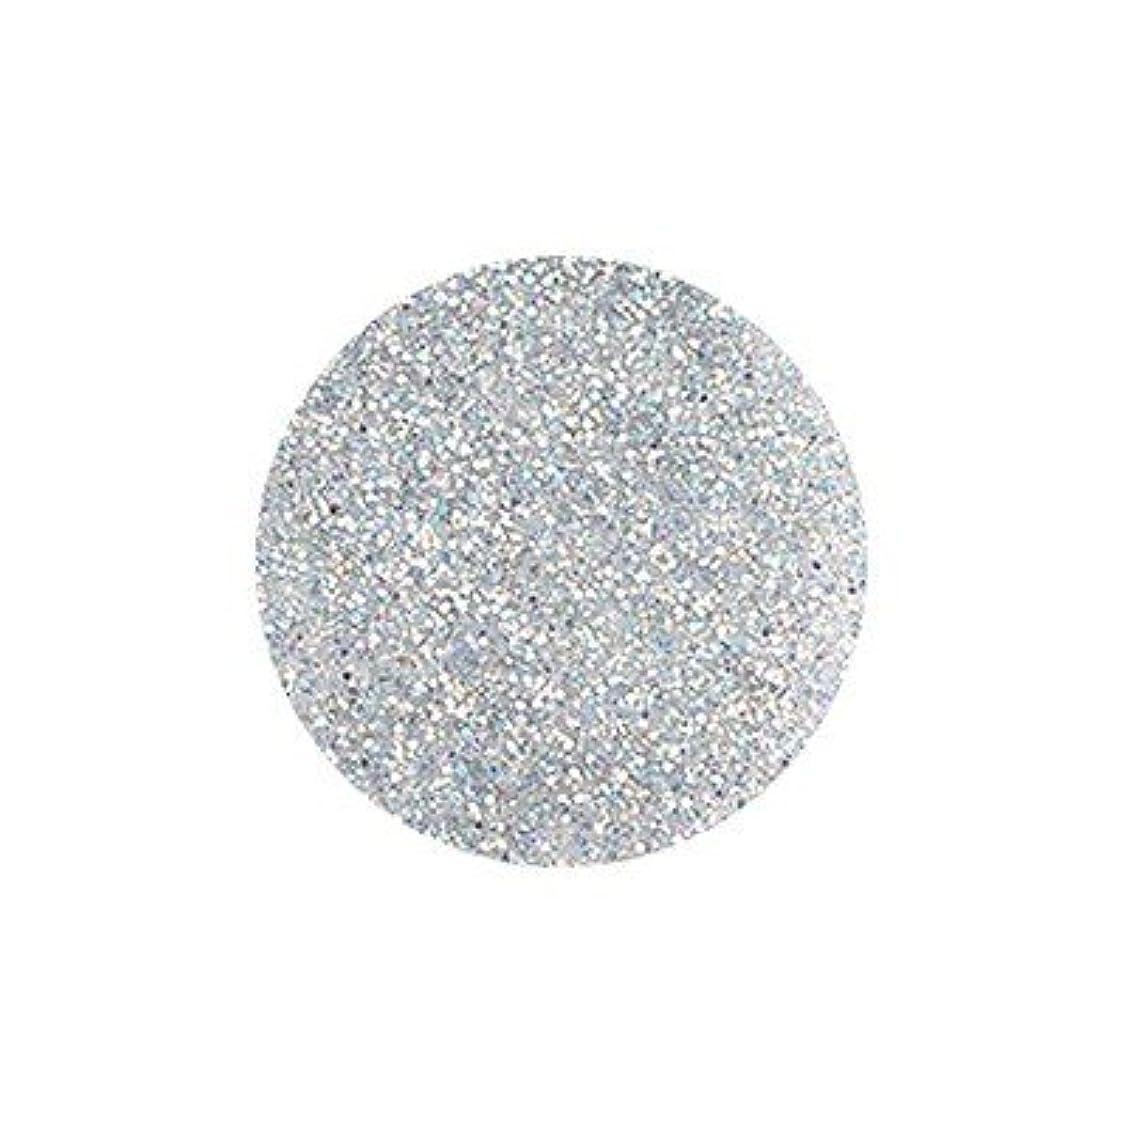 固有の思いやりのある強調FANTASY NAIL ダイヤモンドコレクション 3g 4264XS カラーパウダー アート材